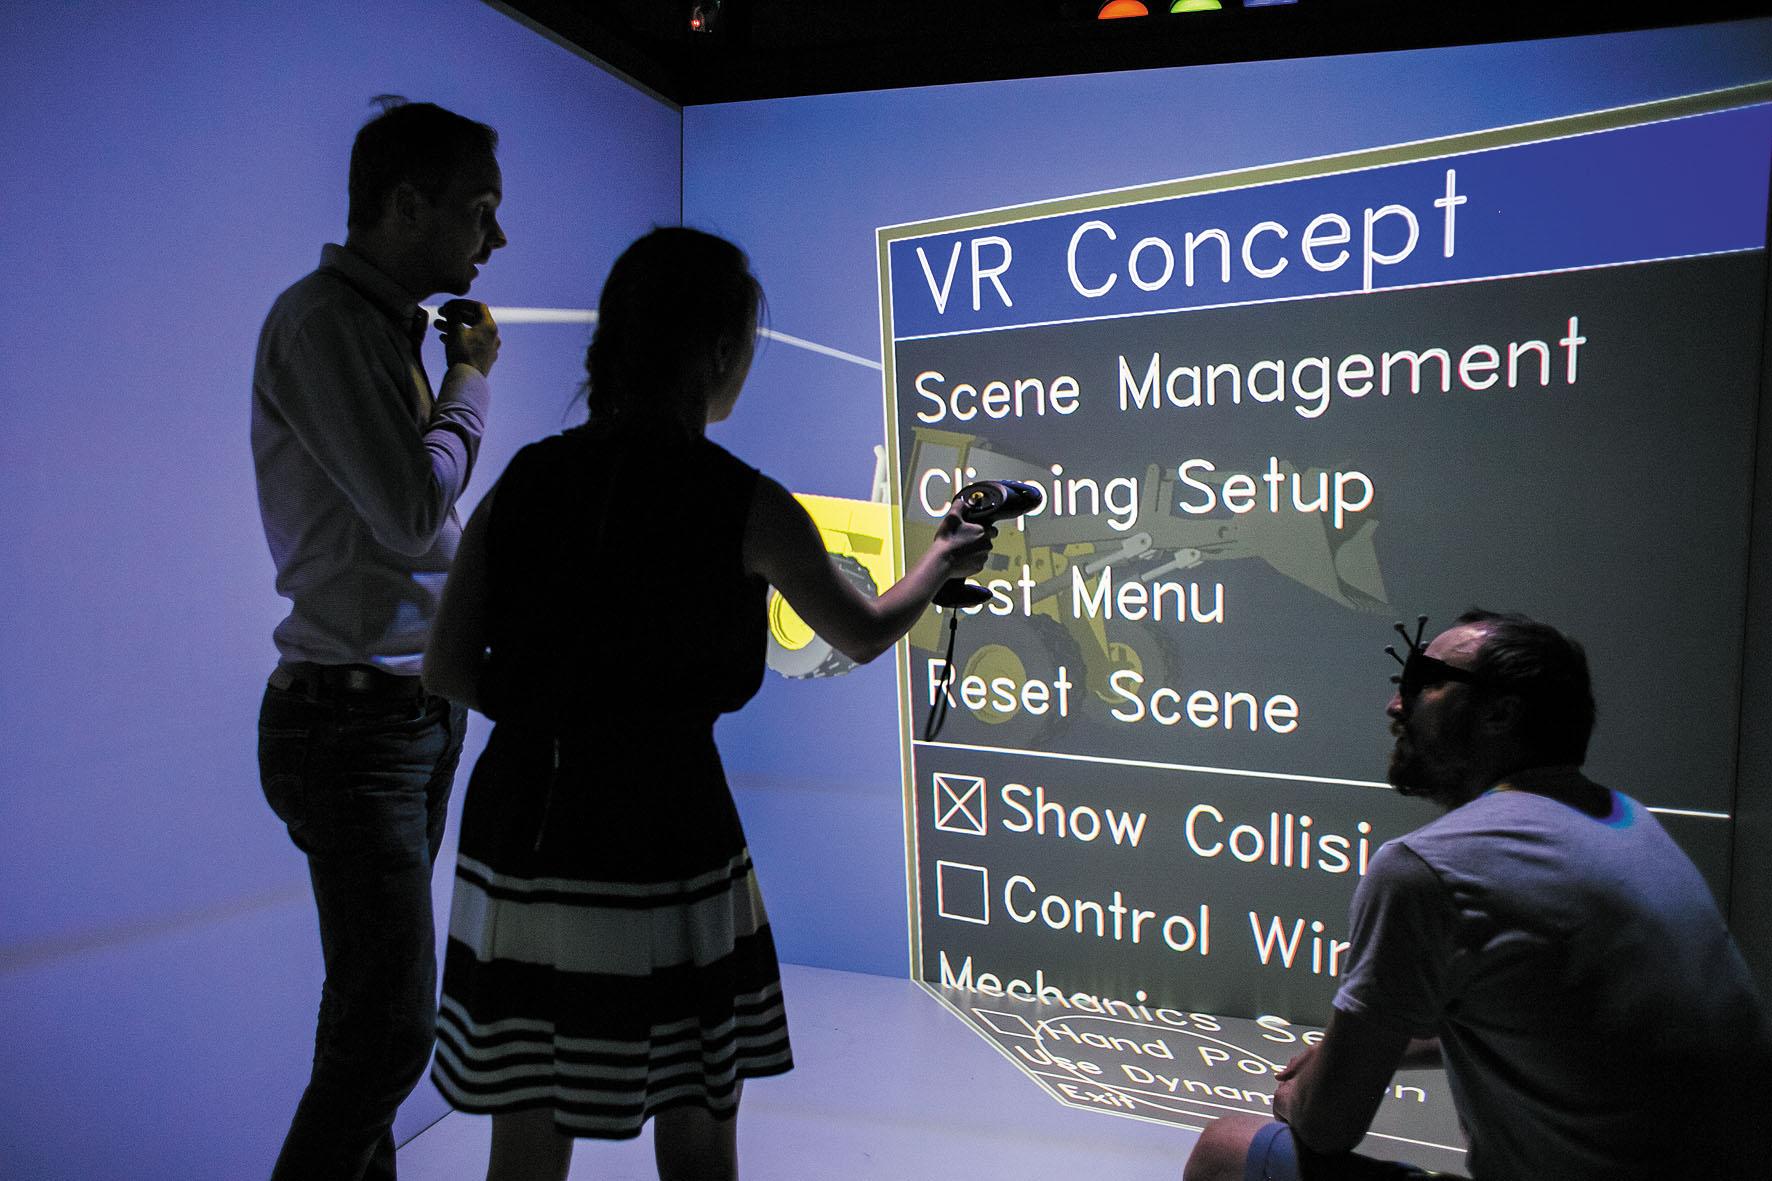 Рис. 2. Использование виртуального прототипирования в проекте